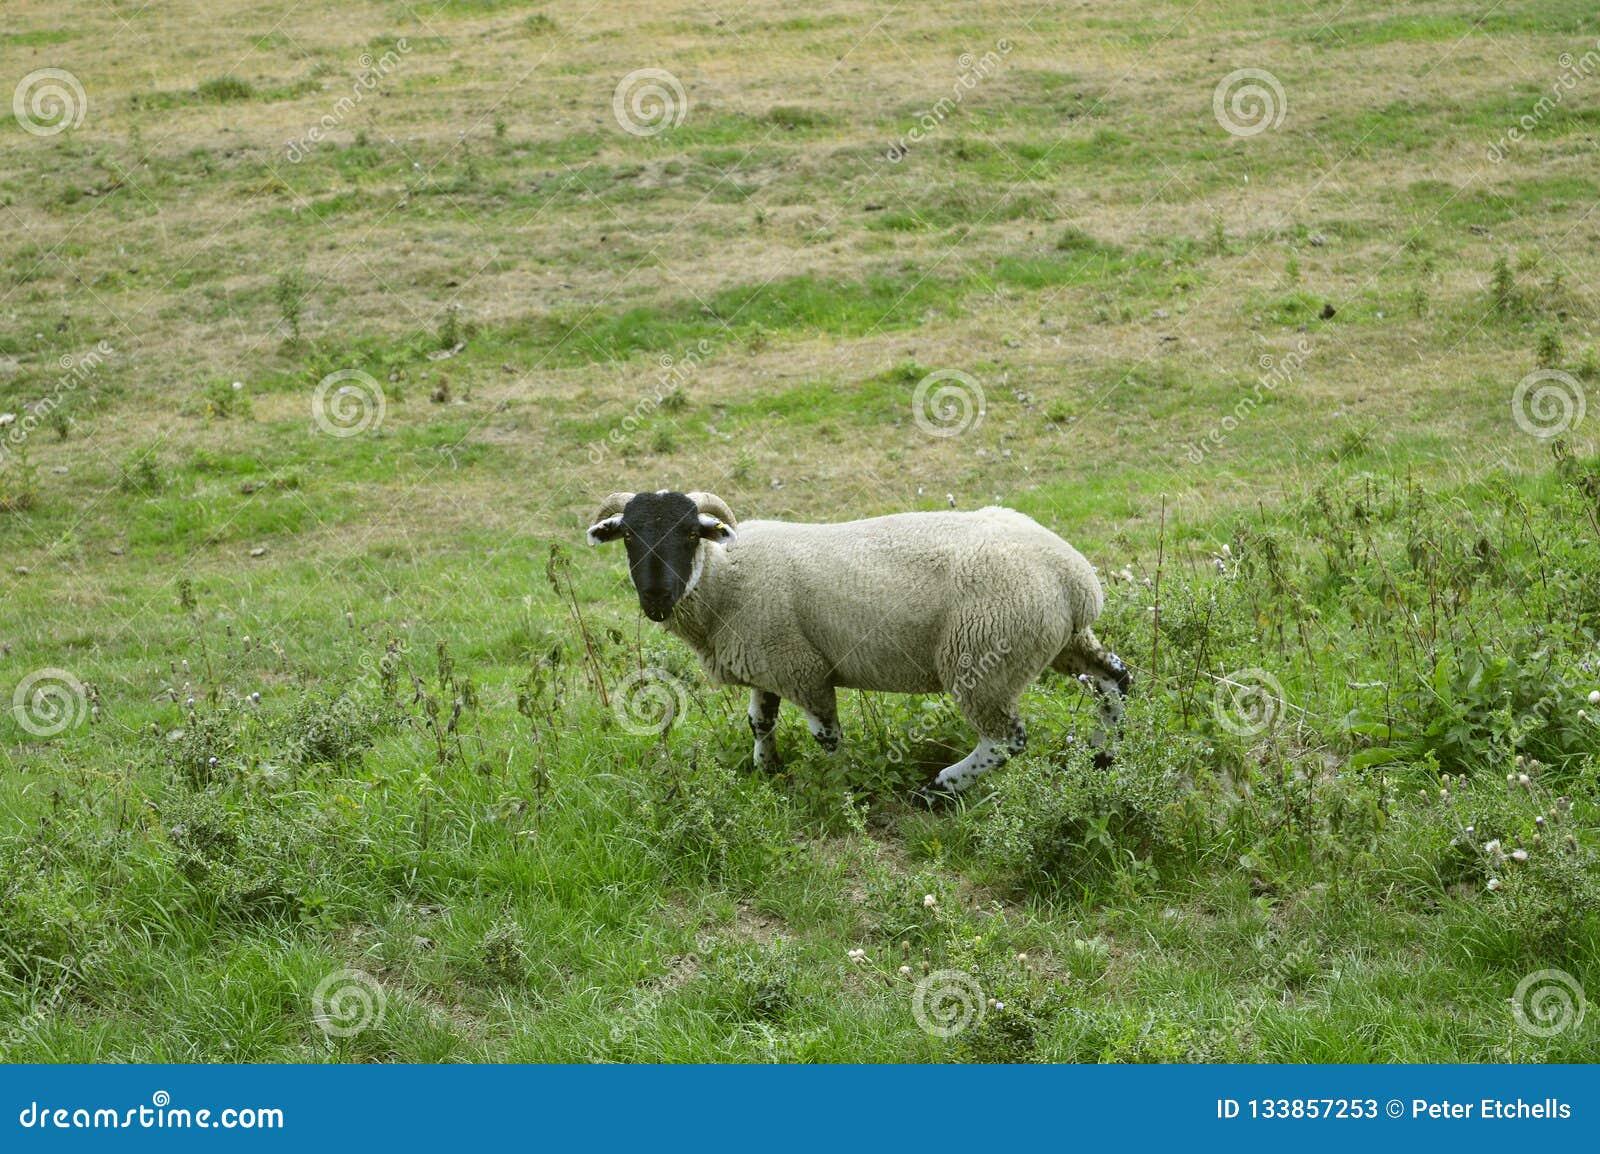 Male sheep ram in a field